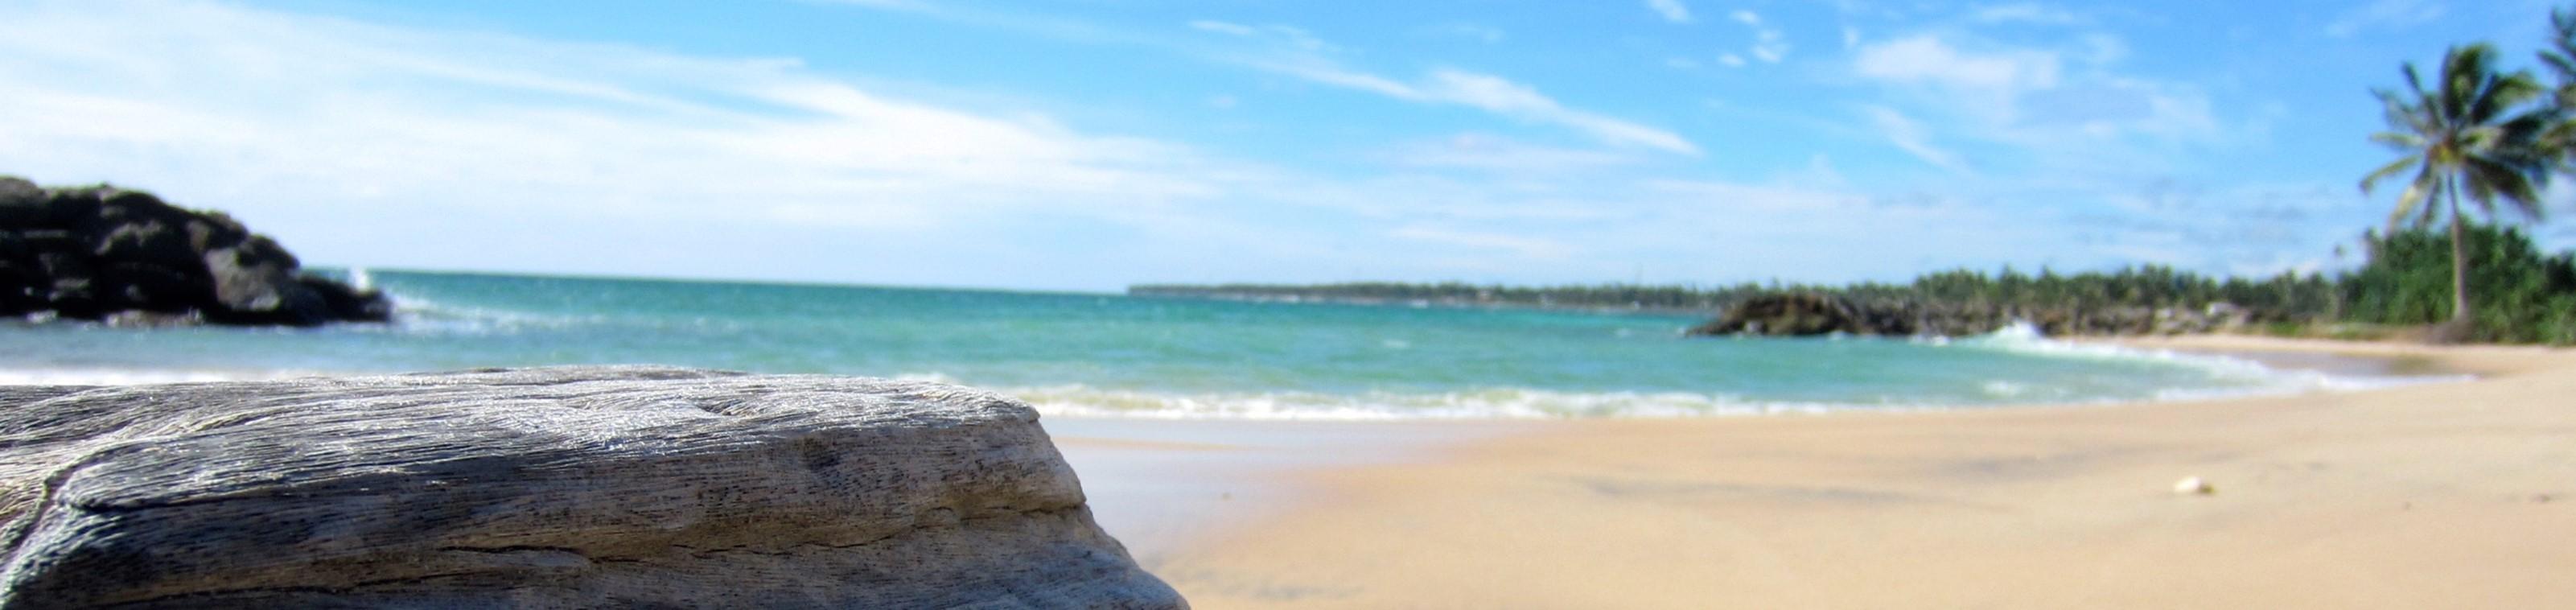 Sri Lanka – rondreis met gids